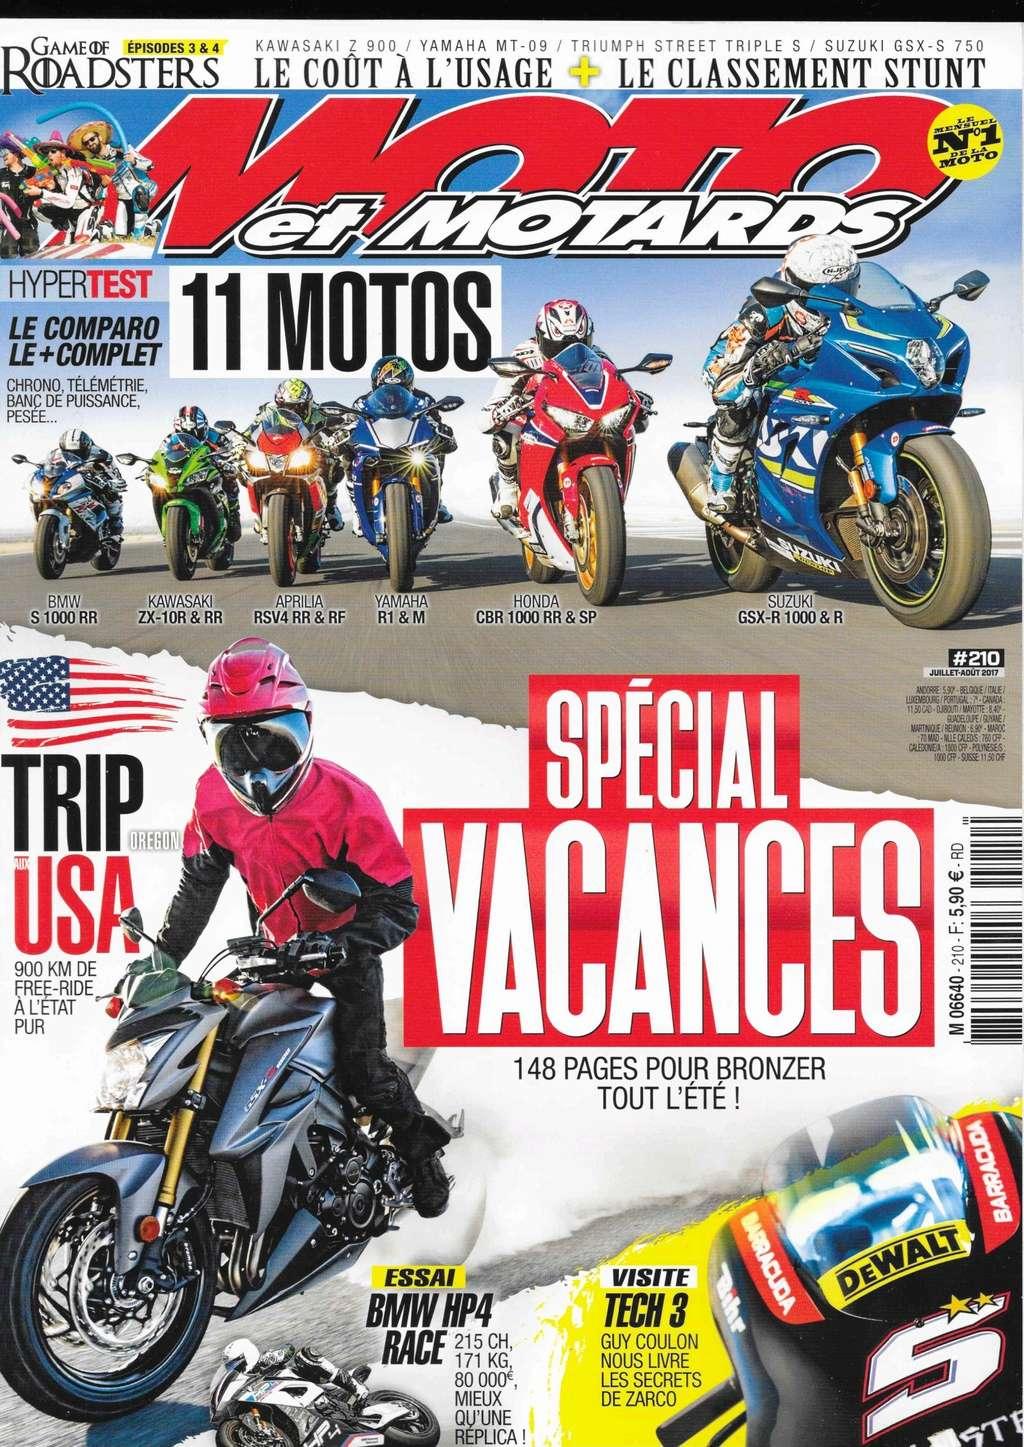 Livre, Magazine, En kiosque, Presse Spécialisée, Canard Moto, Bouquin  - Page 24 Filena10